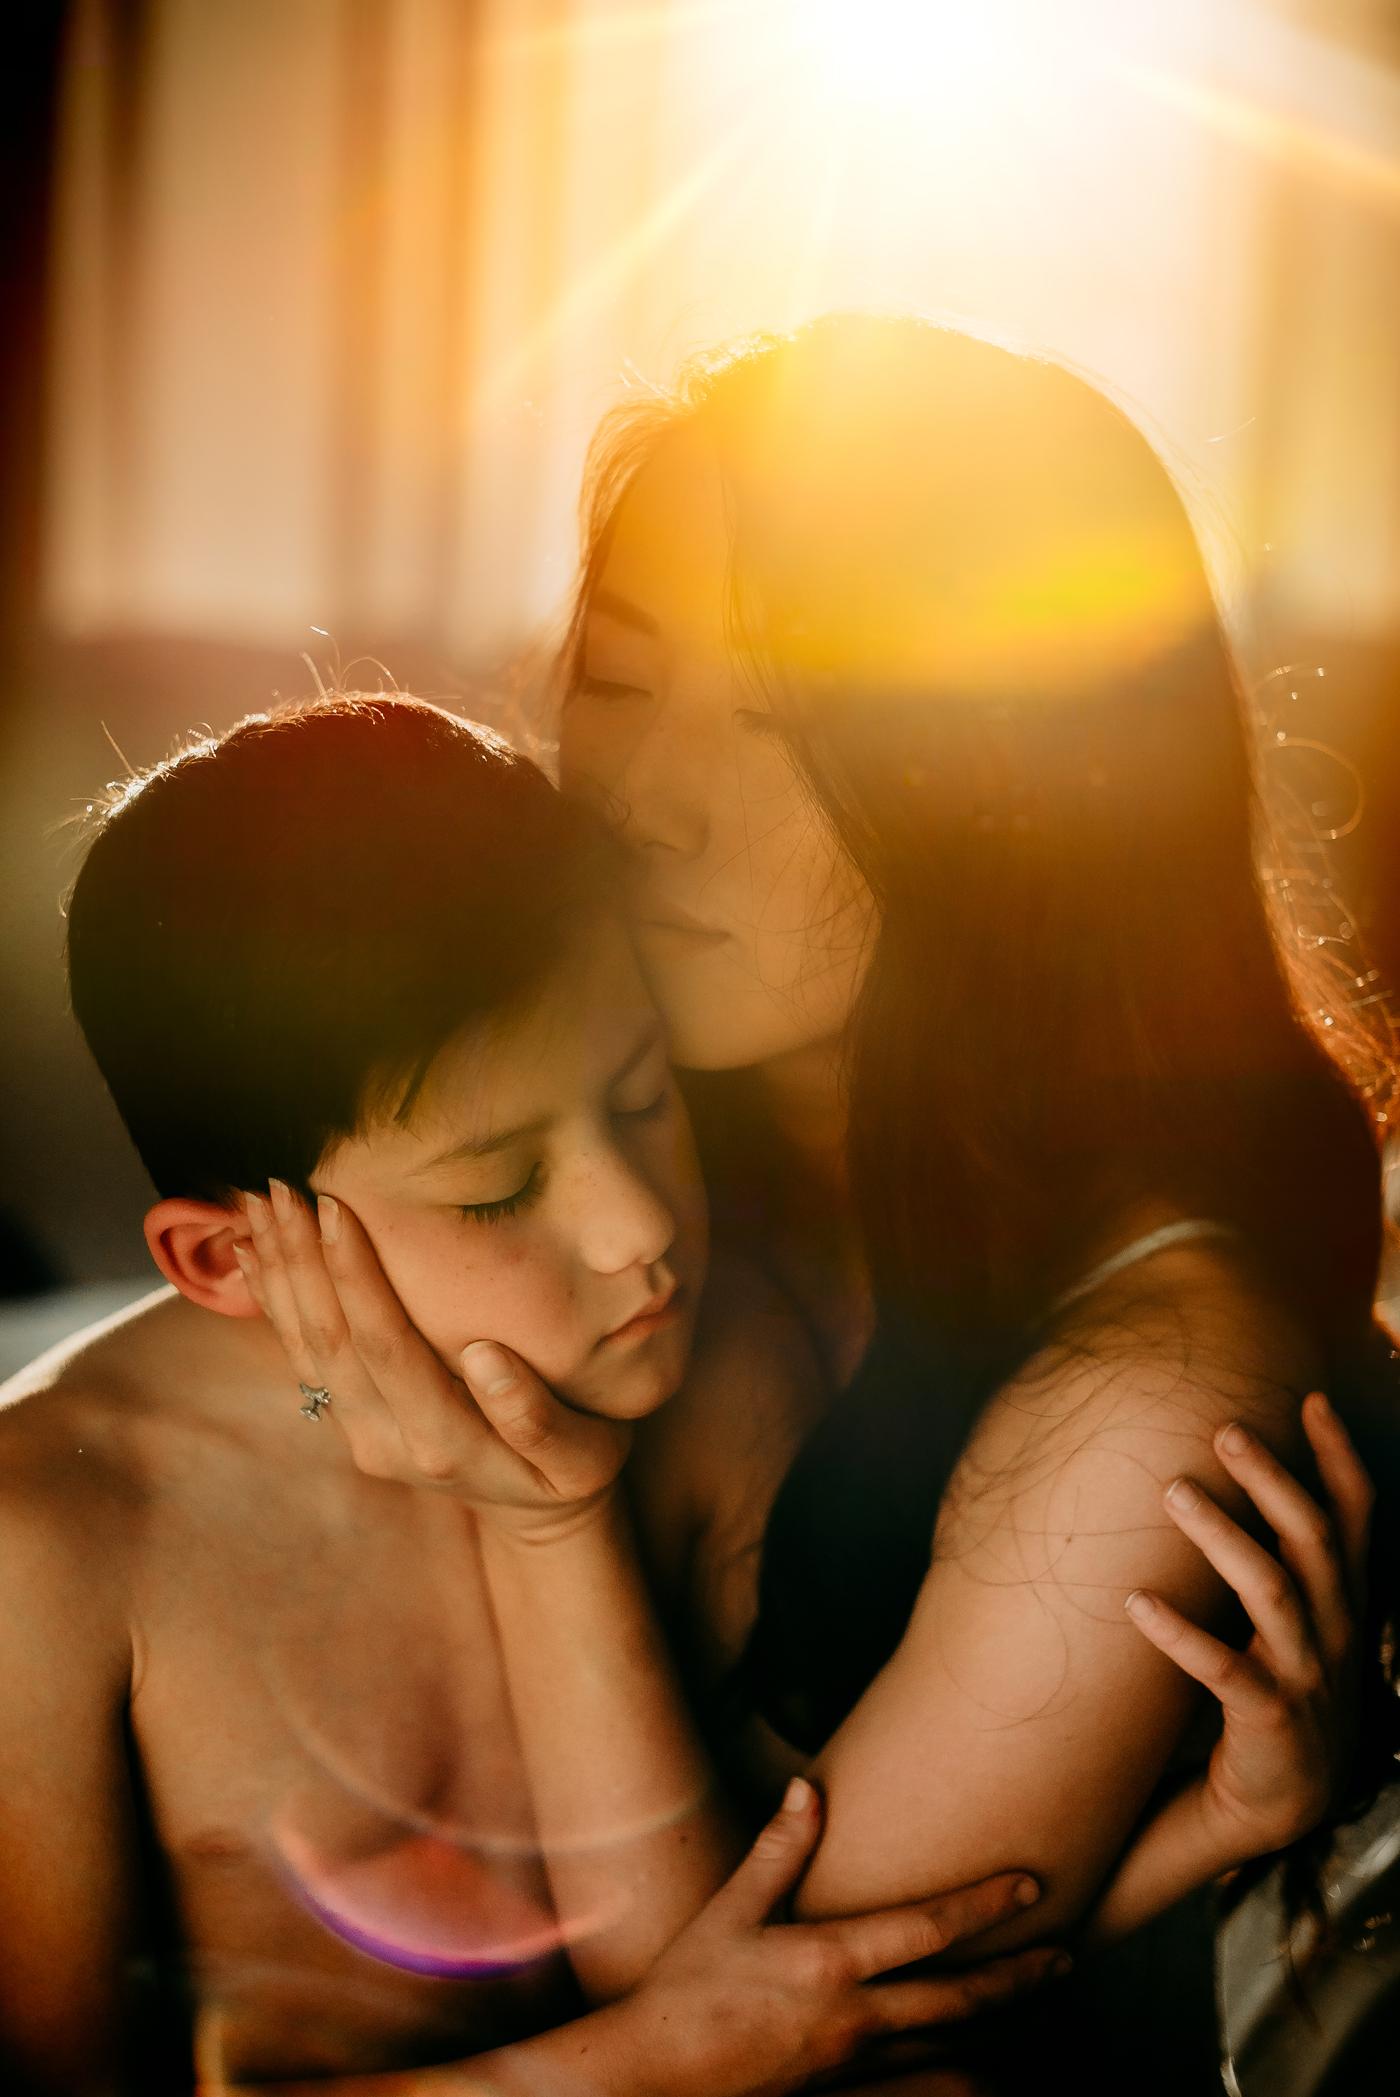 BrooksbyS-MothersLove-LoveConnection